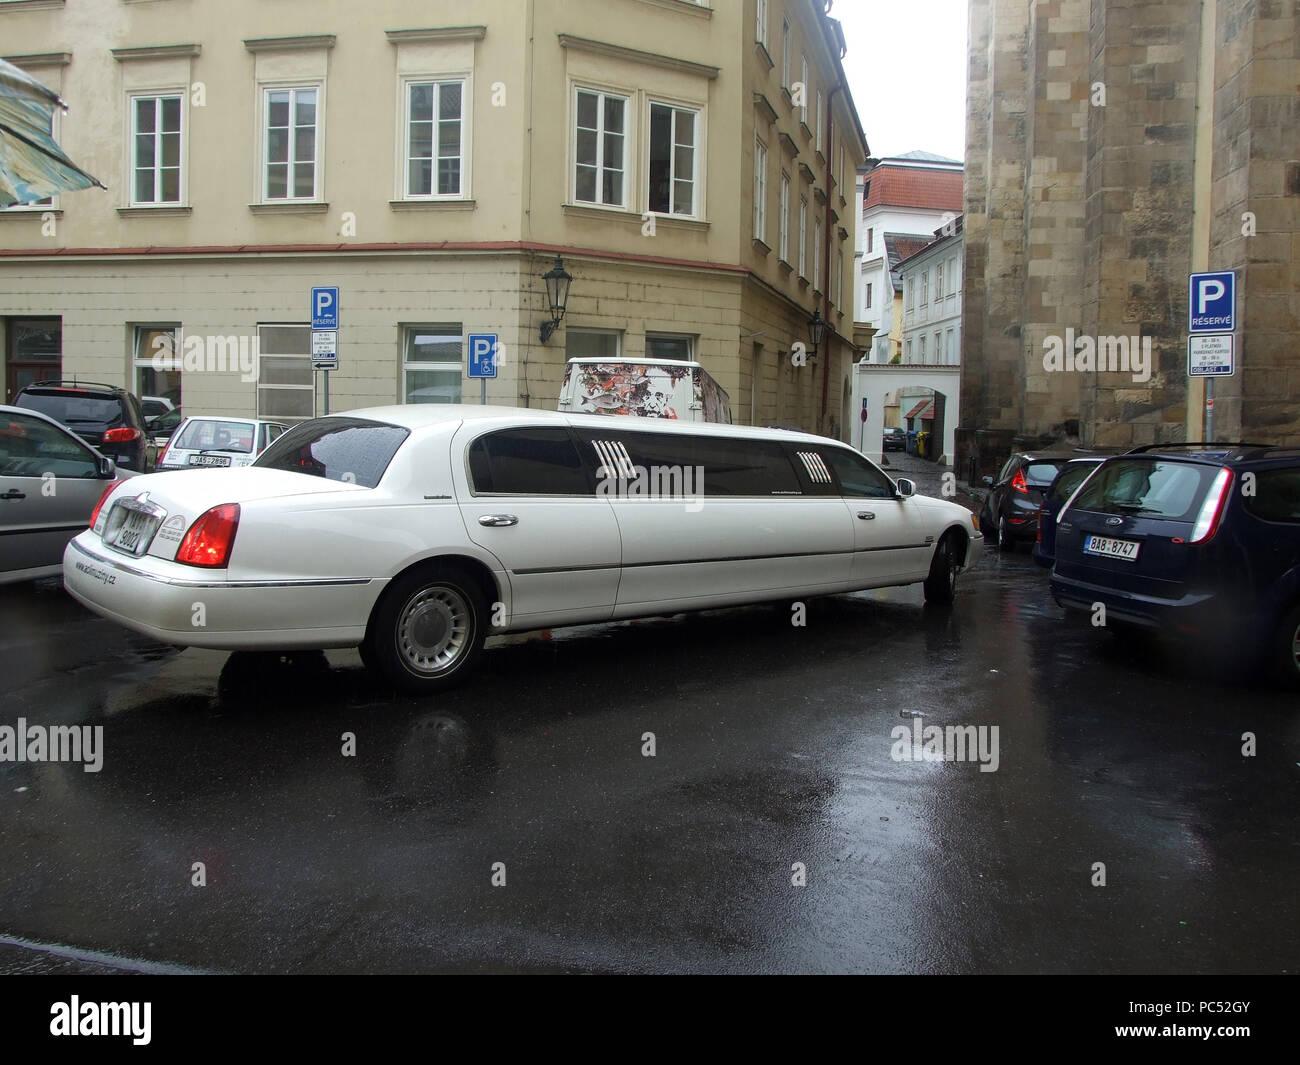 Coche nupcial largo en calles estrechas de la ciudad vieja de Praga Foto de stock